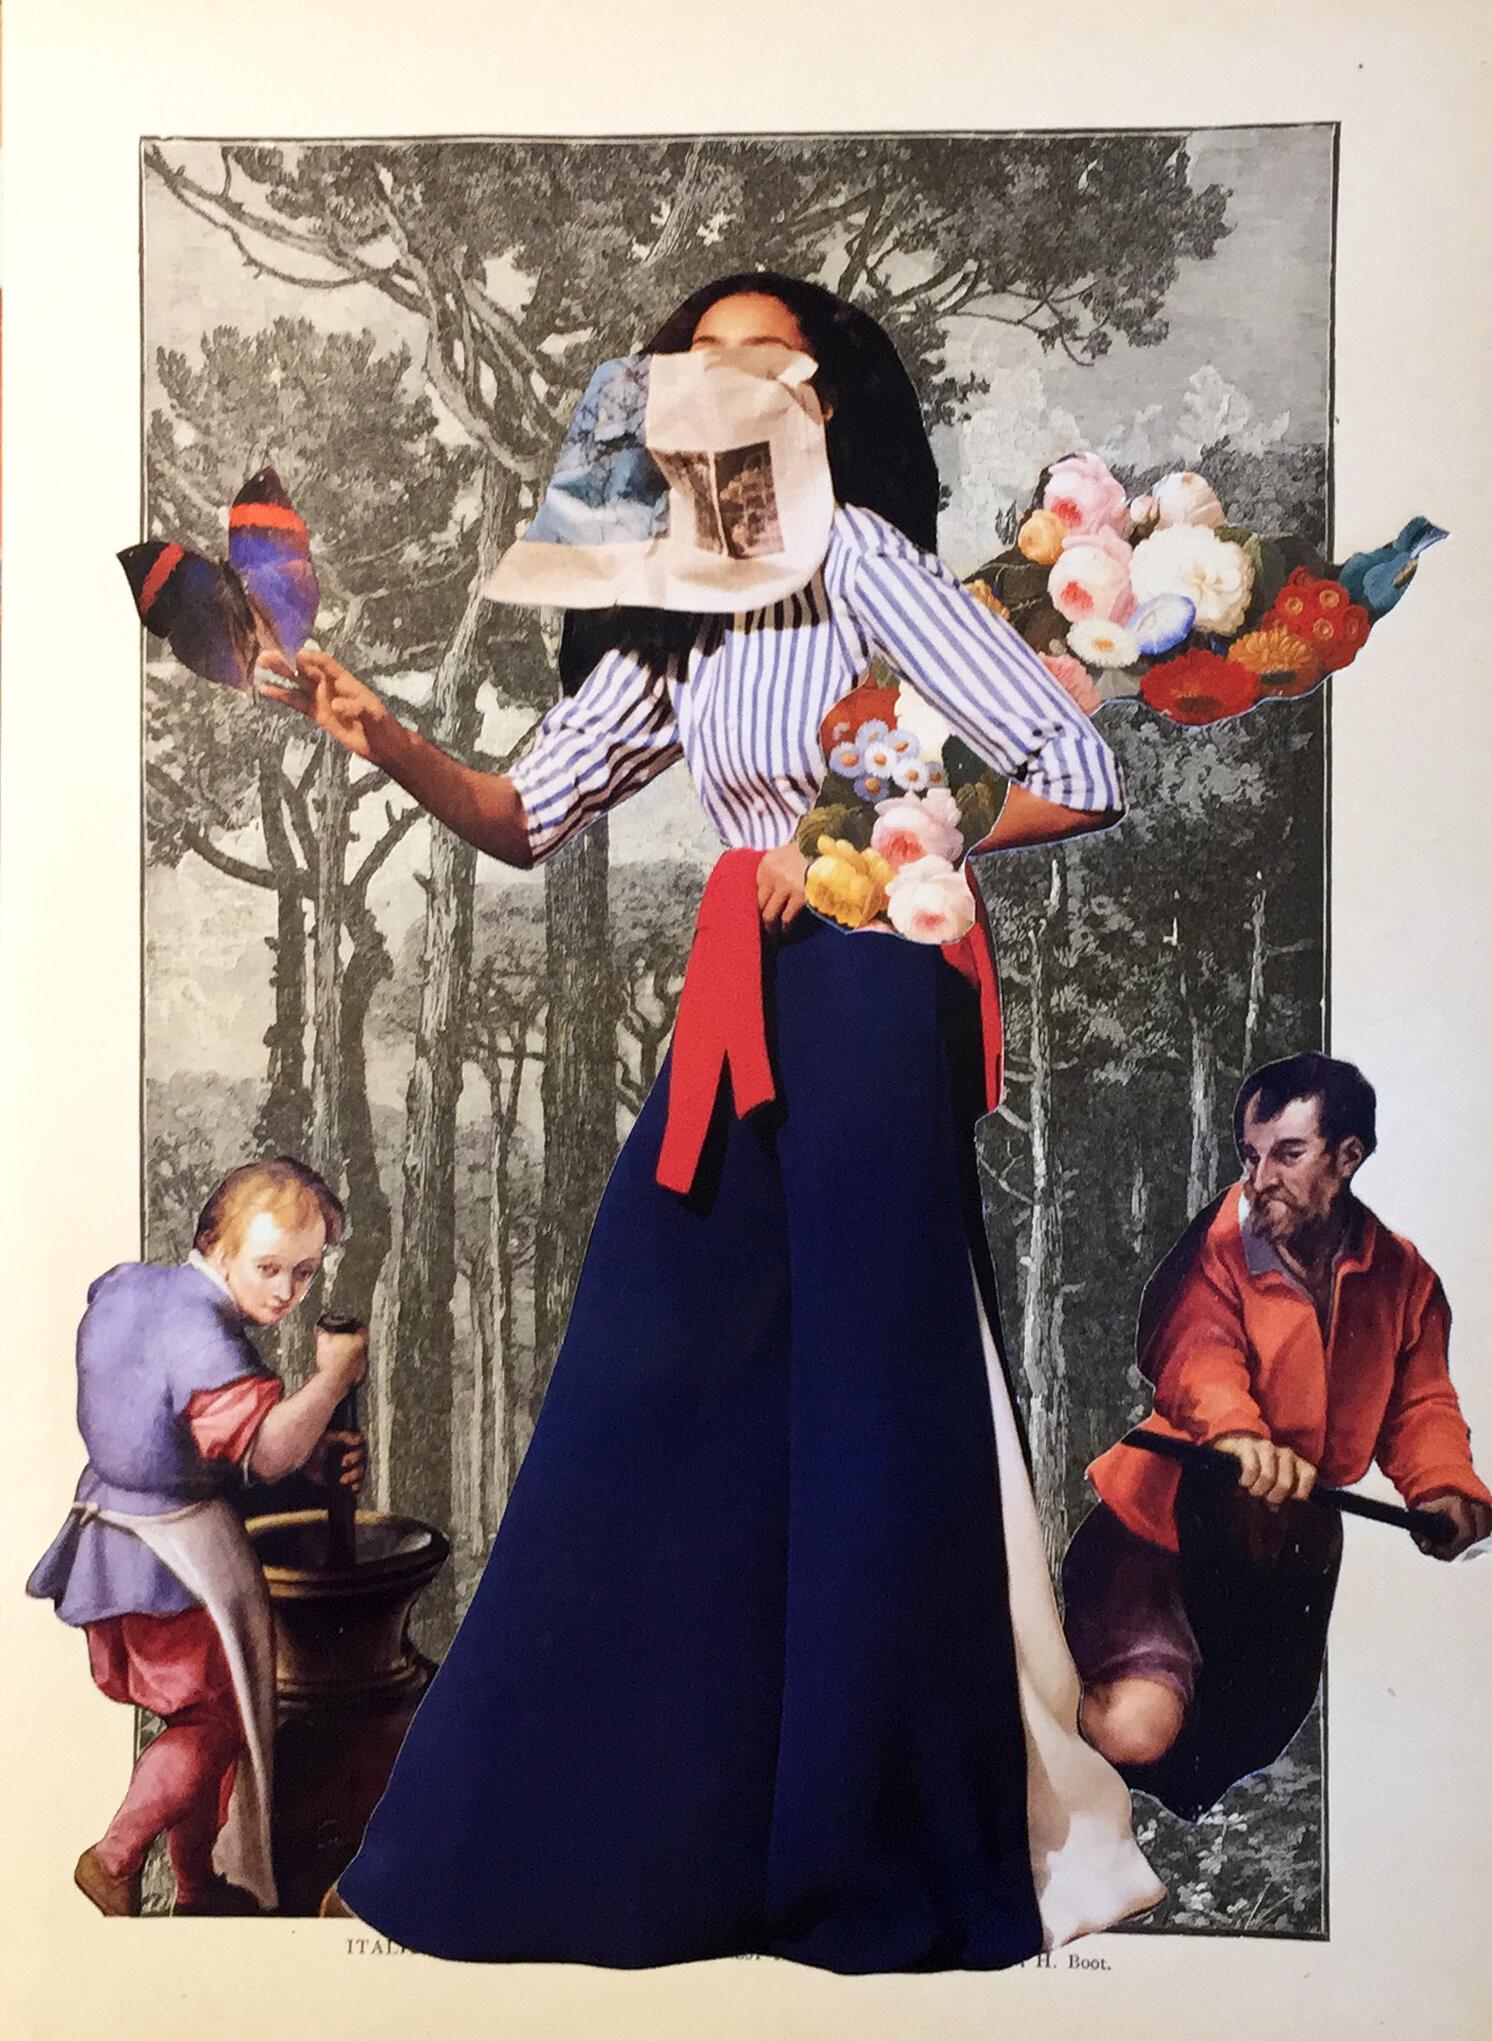 Lleva flores señorita, collage análogo 21 x 29 cms - Florencia Reid